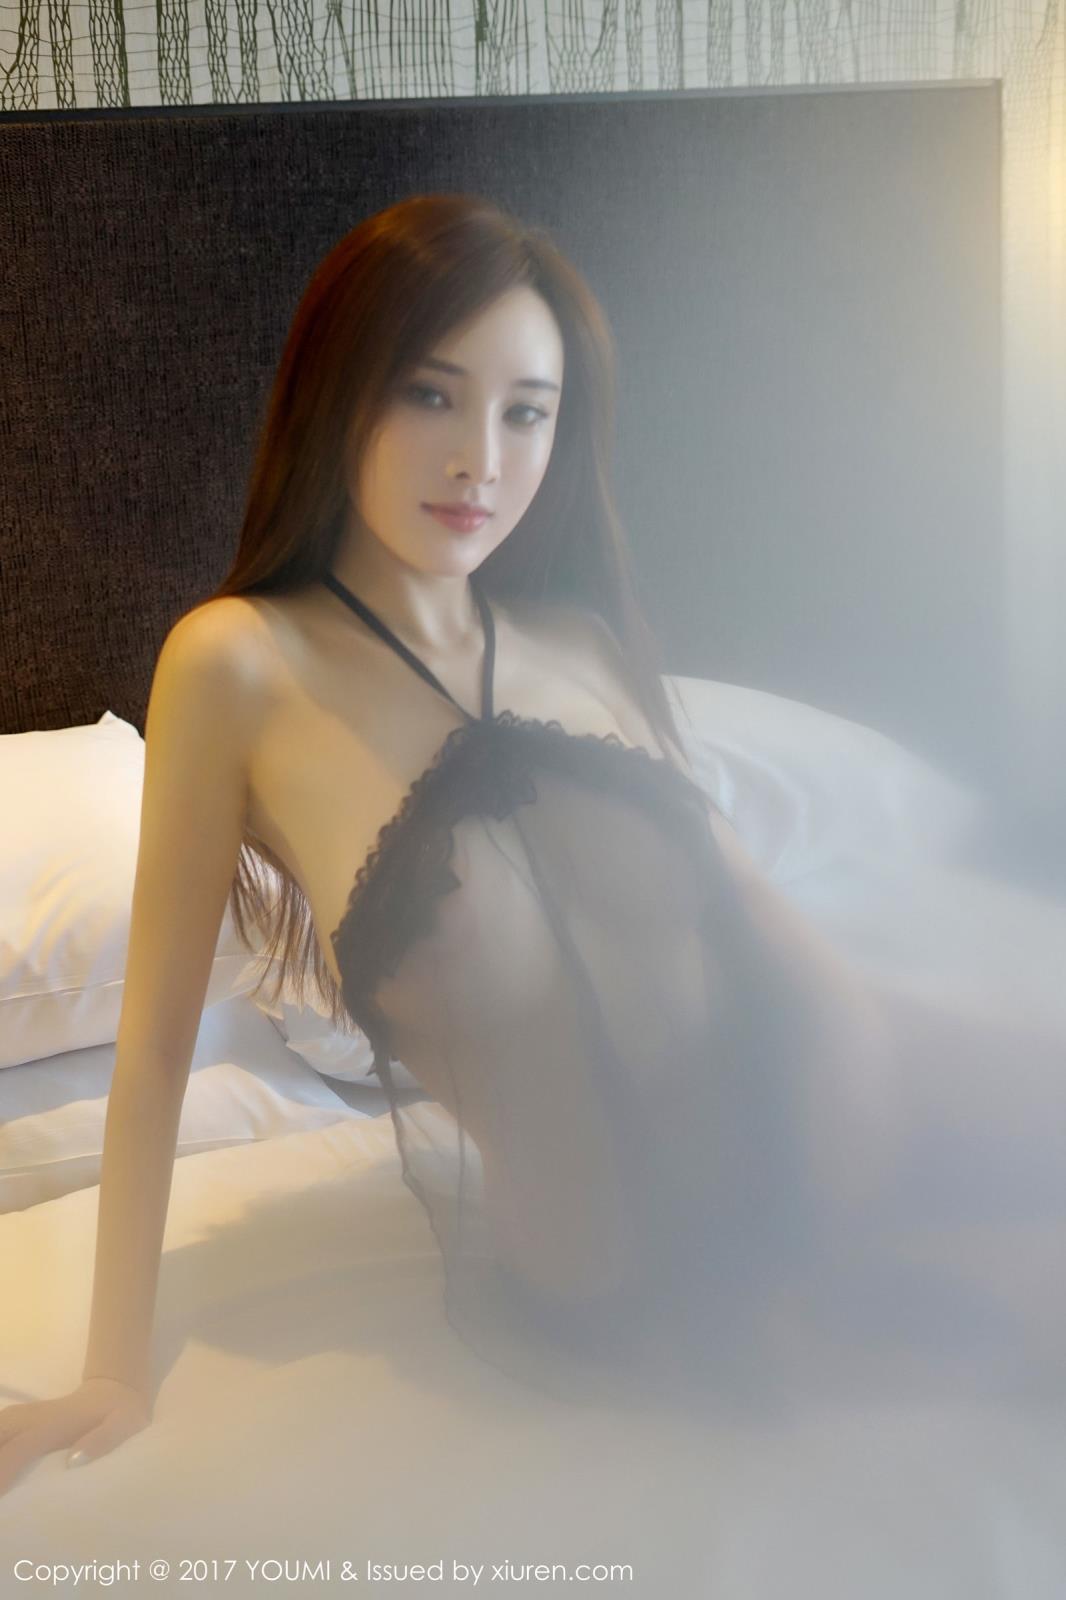 [YOUMI尤蜜荟] 宅男女神土肥圆矮挫穷透视装爆乳大尺度普吉岛惊艳旅拍